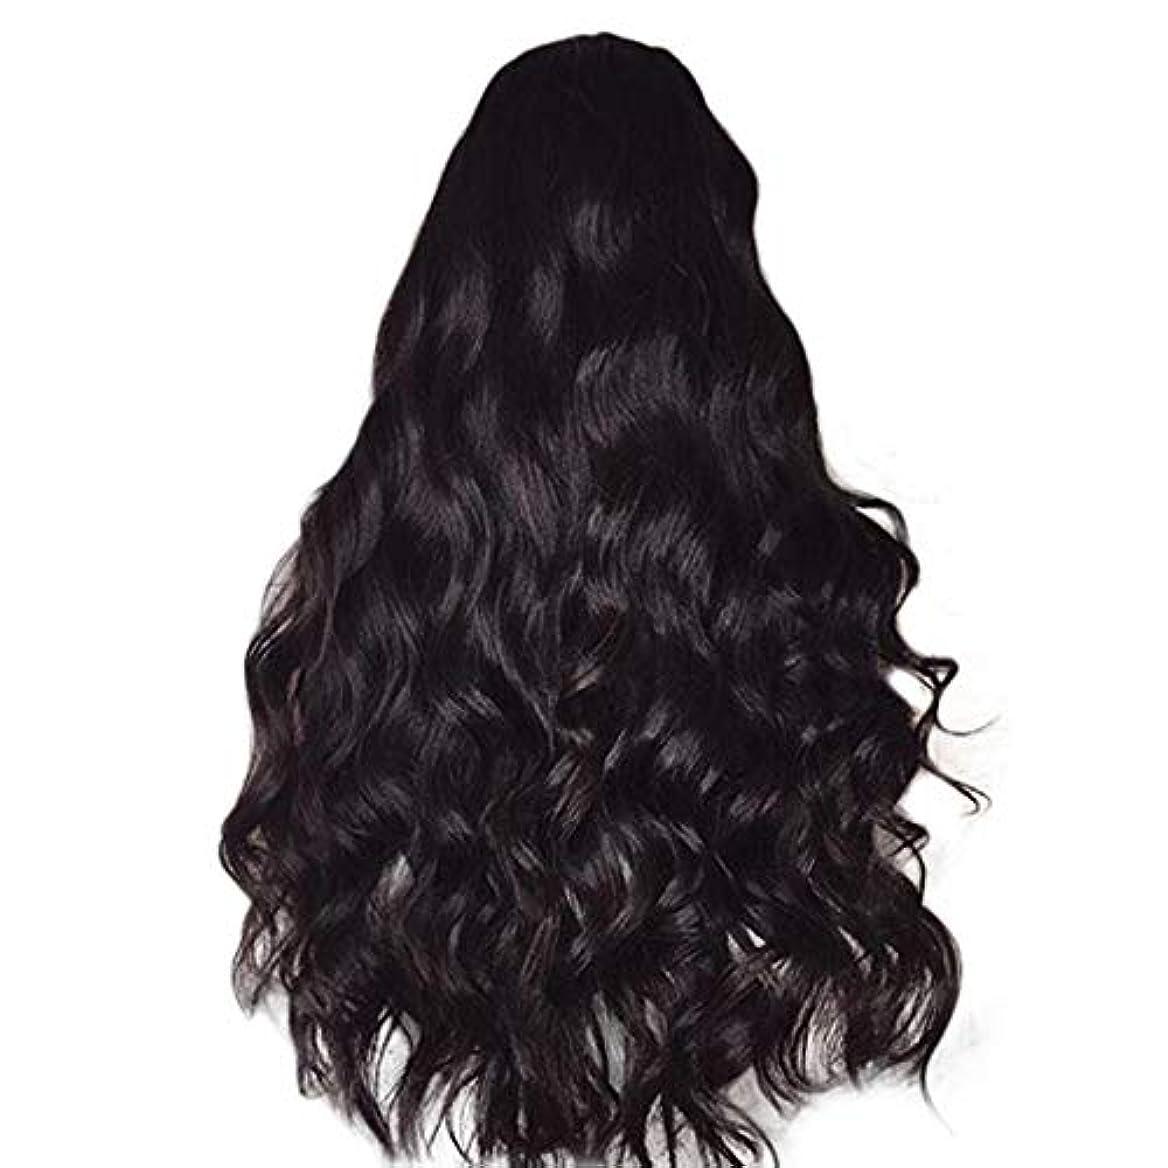 血まみれ収束伝える女性のかつら長い巻き毛黒ふわふわビッグウェーブウィッグ65 cm